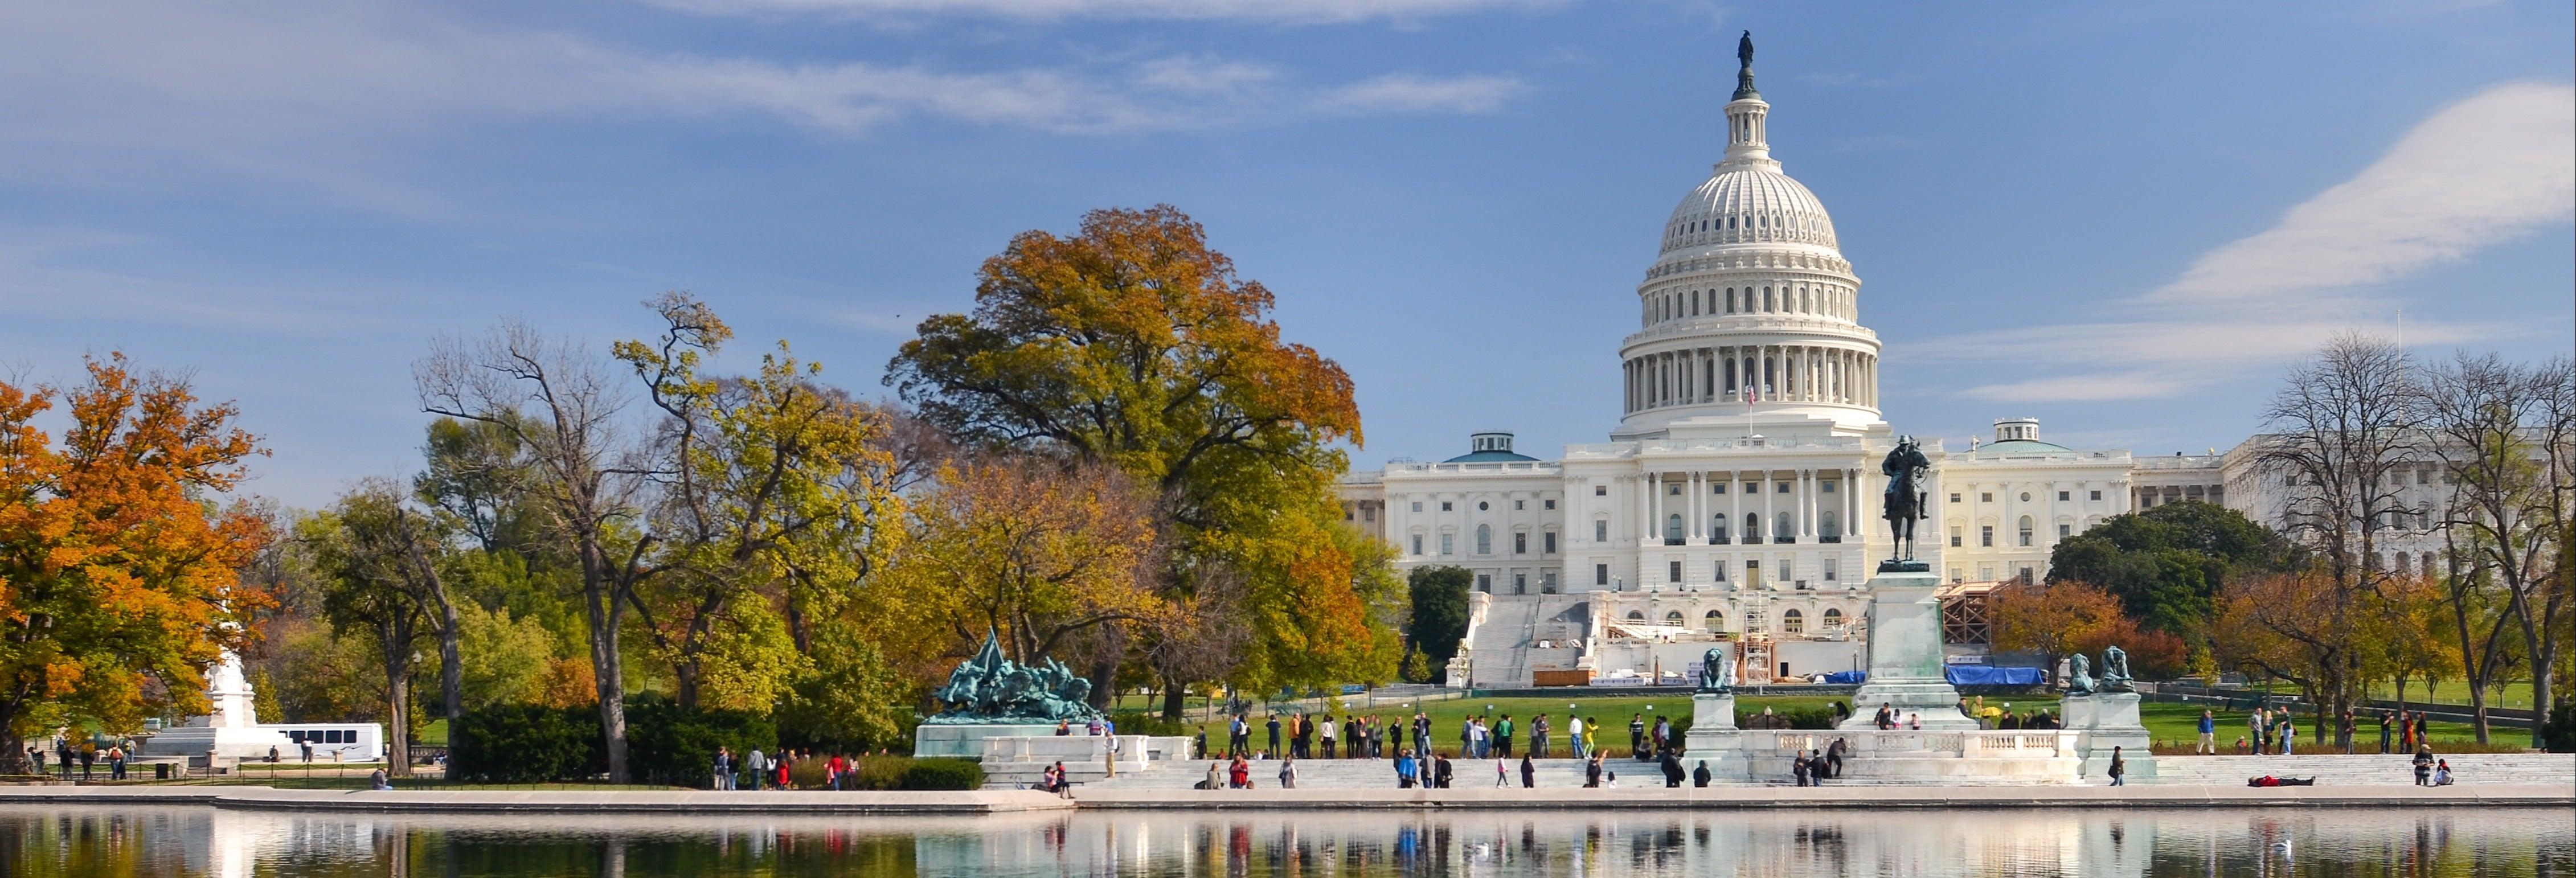 Washington Private Tour